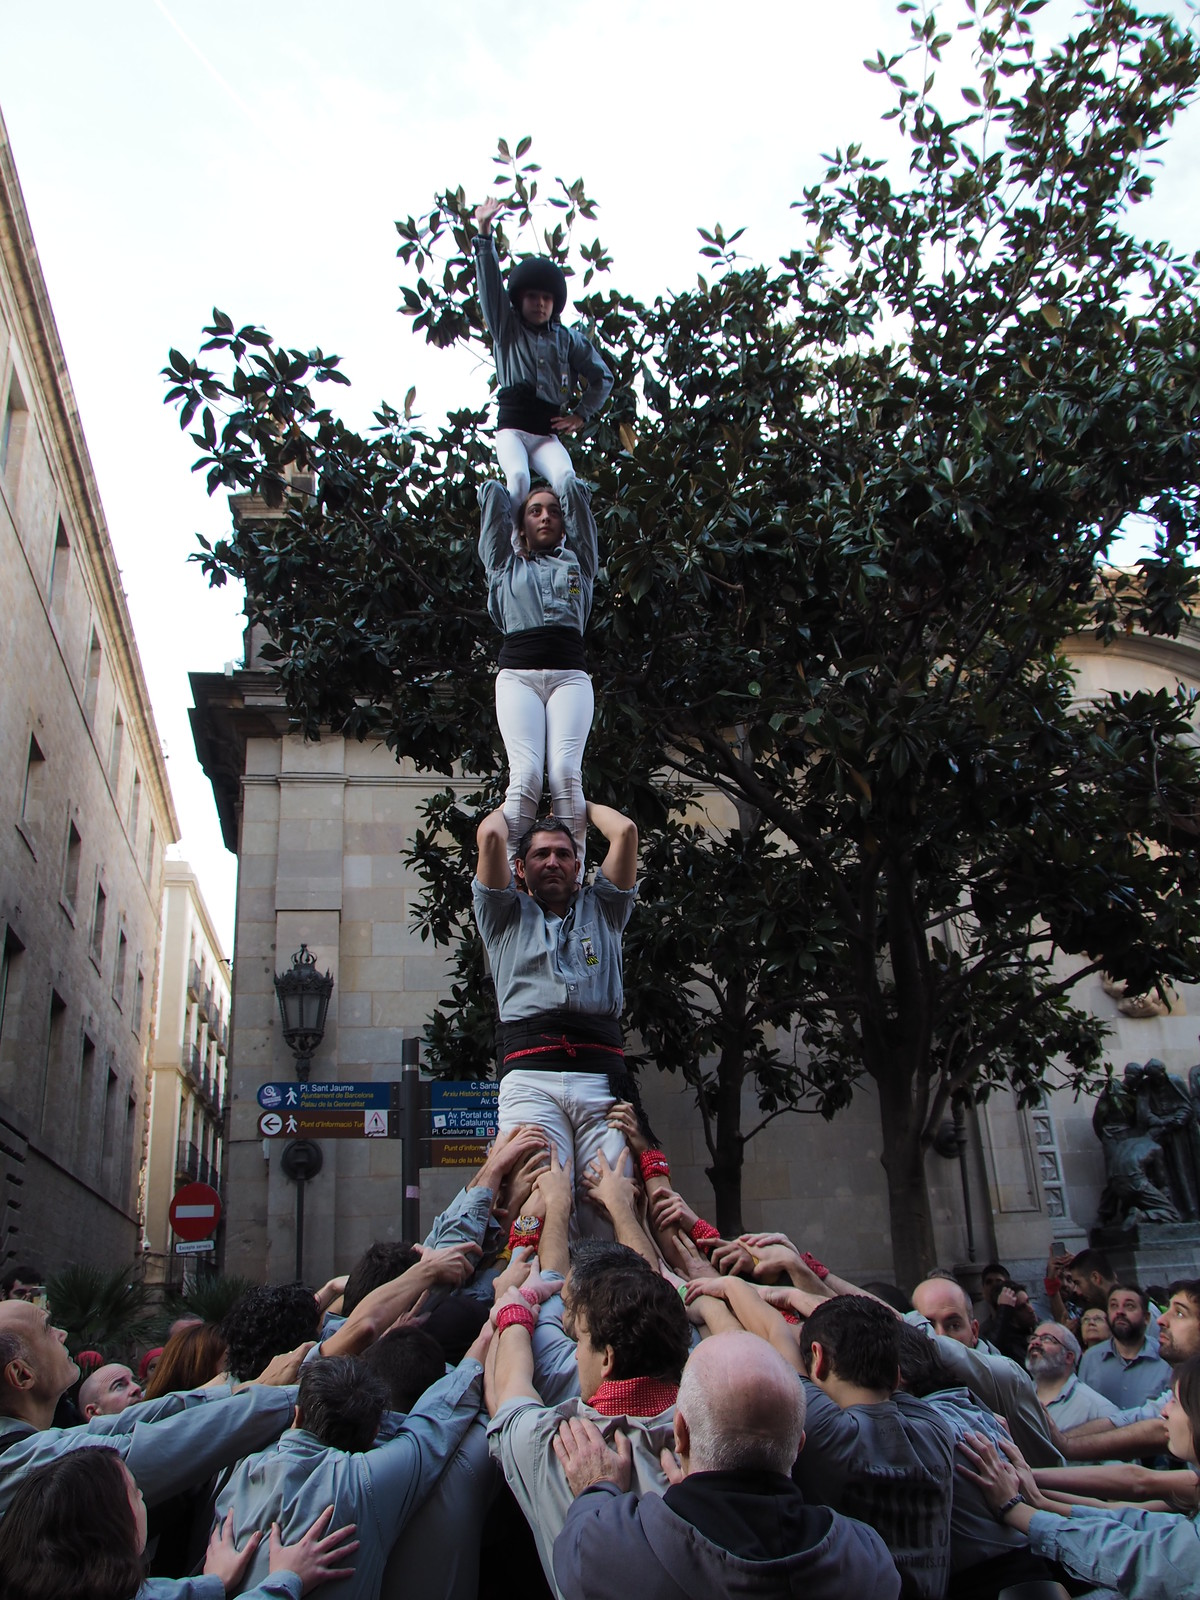 Diada de Santa Eulàlia, Barcelona 10 de Febrer de 2019